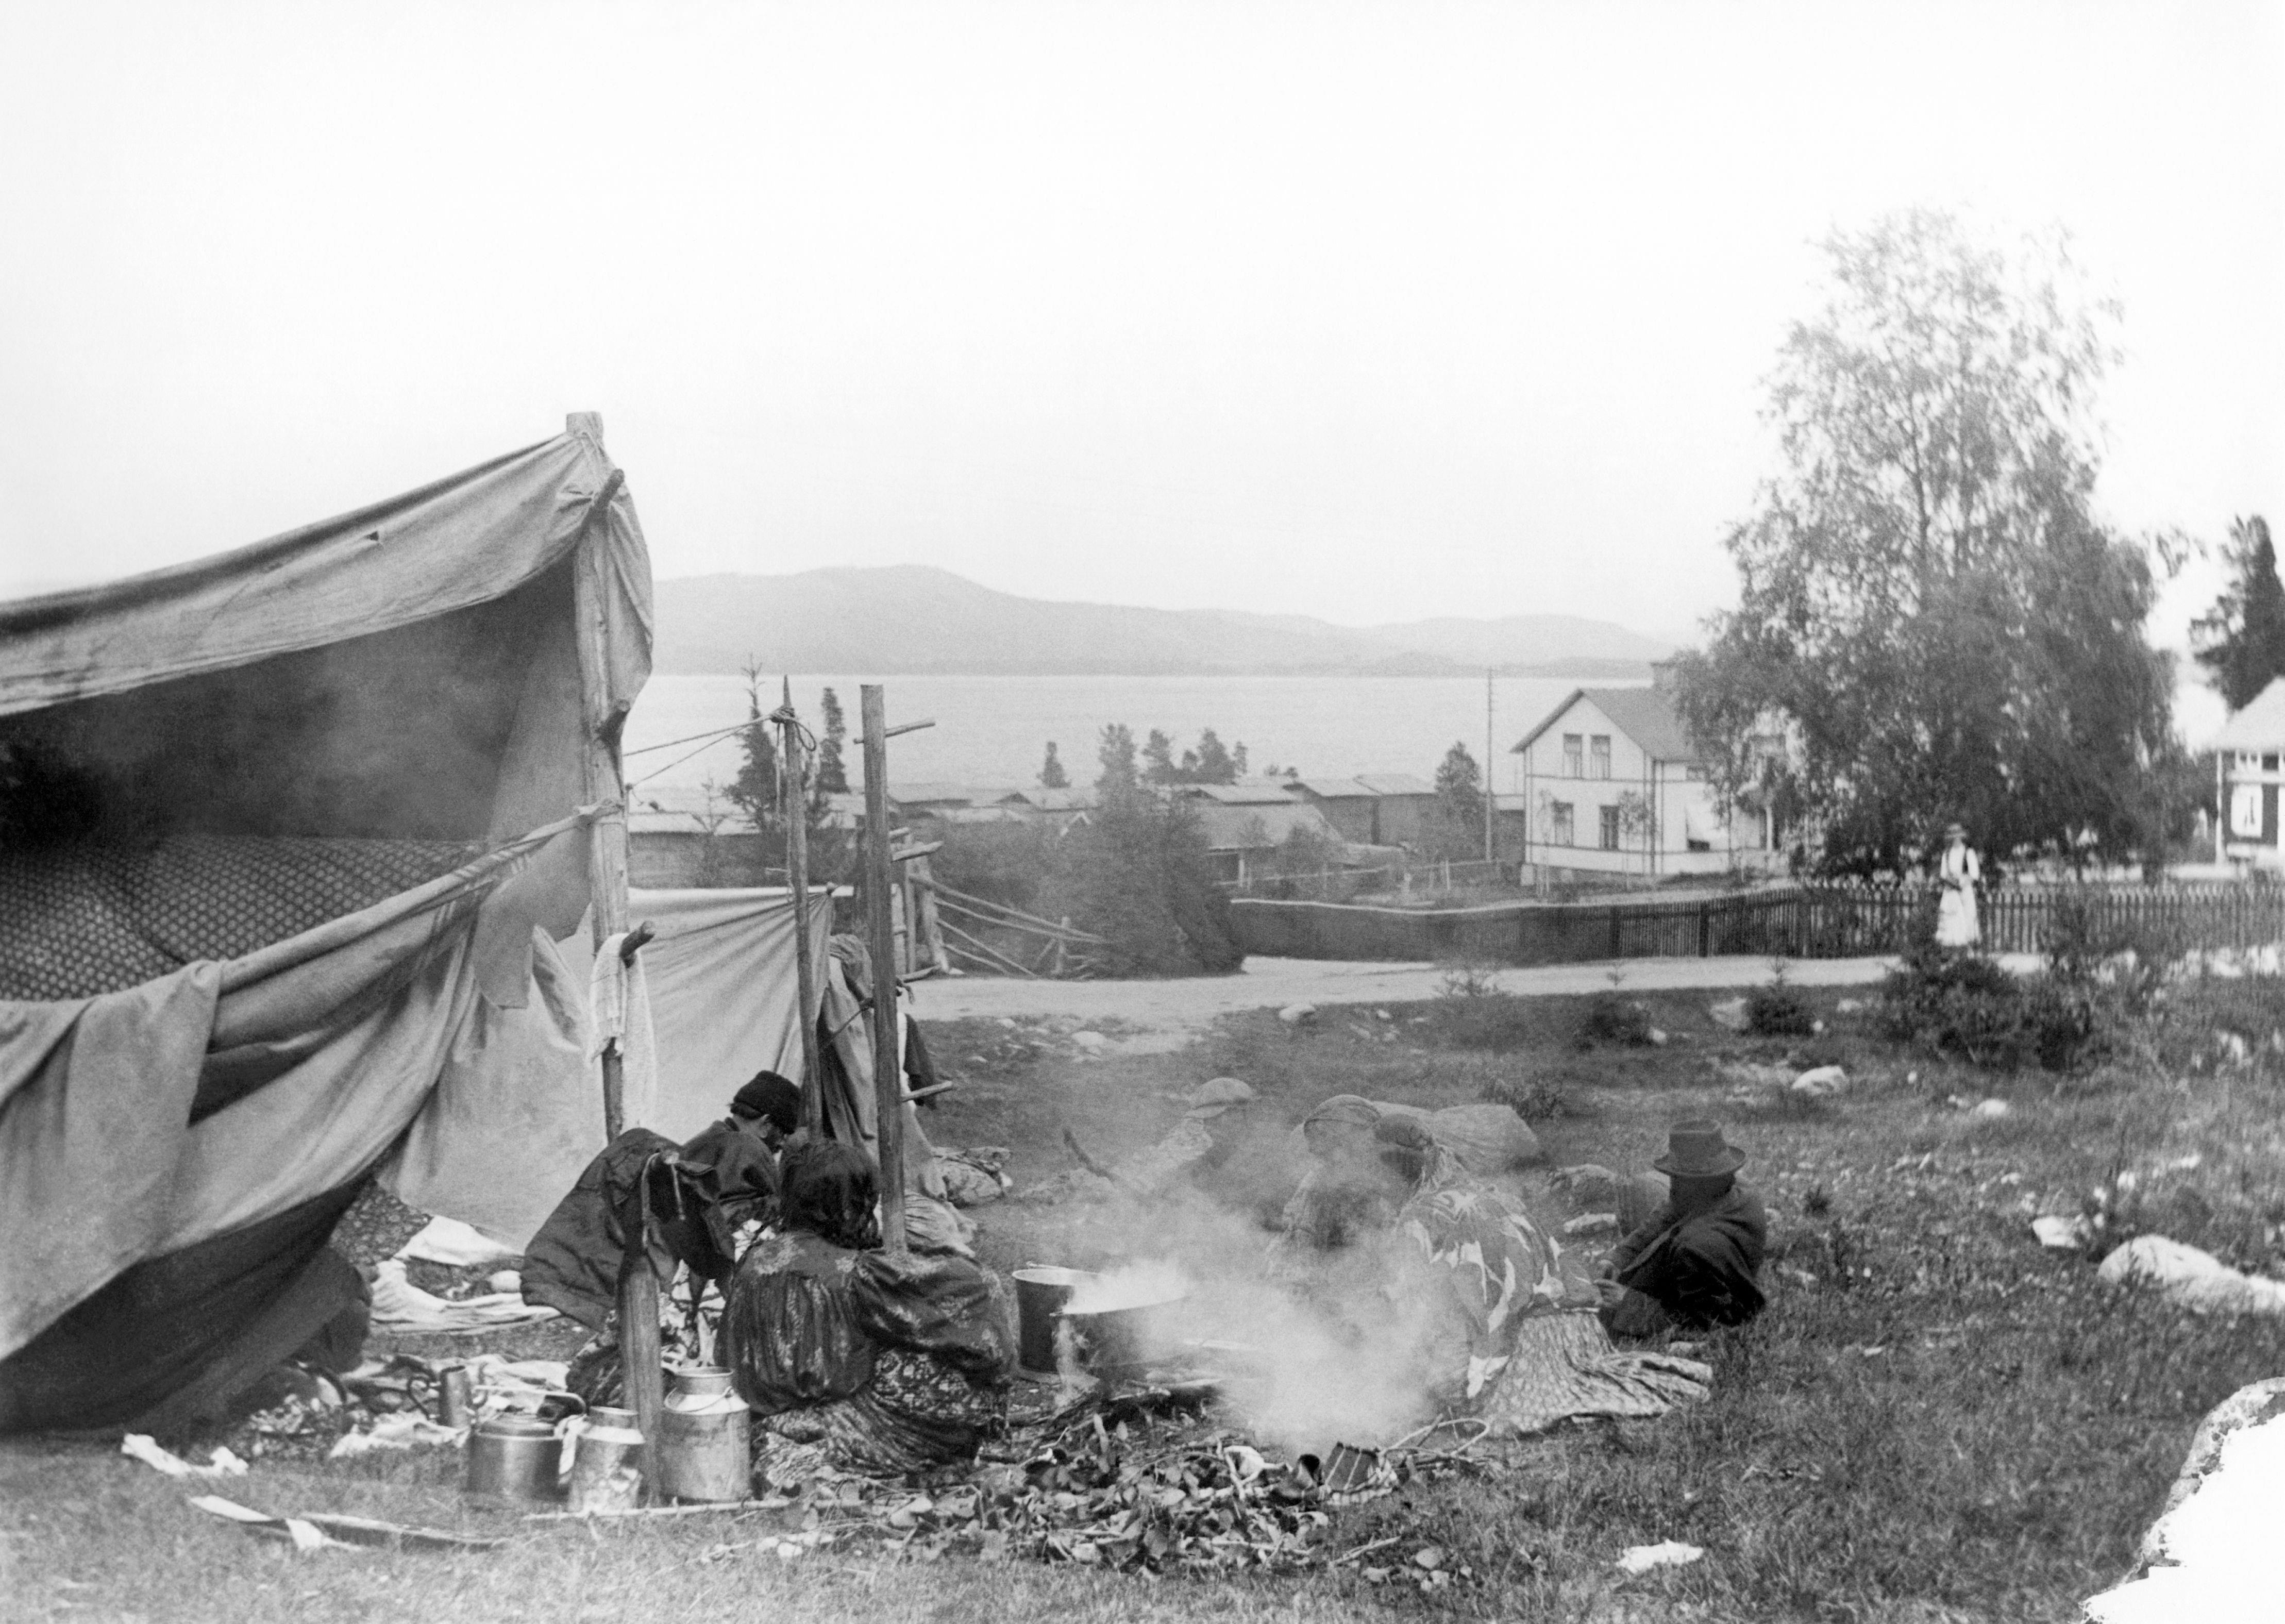 © Rengsjö Hembygdsförening, Om romsk historia i Gävleborg